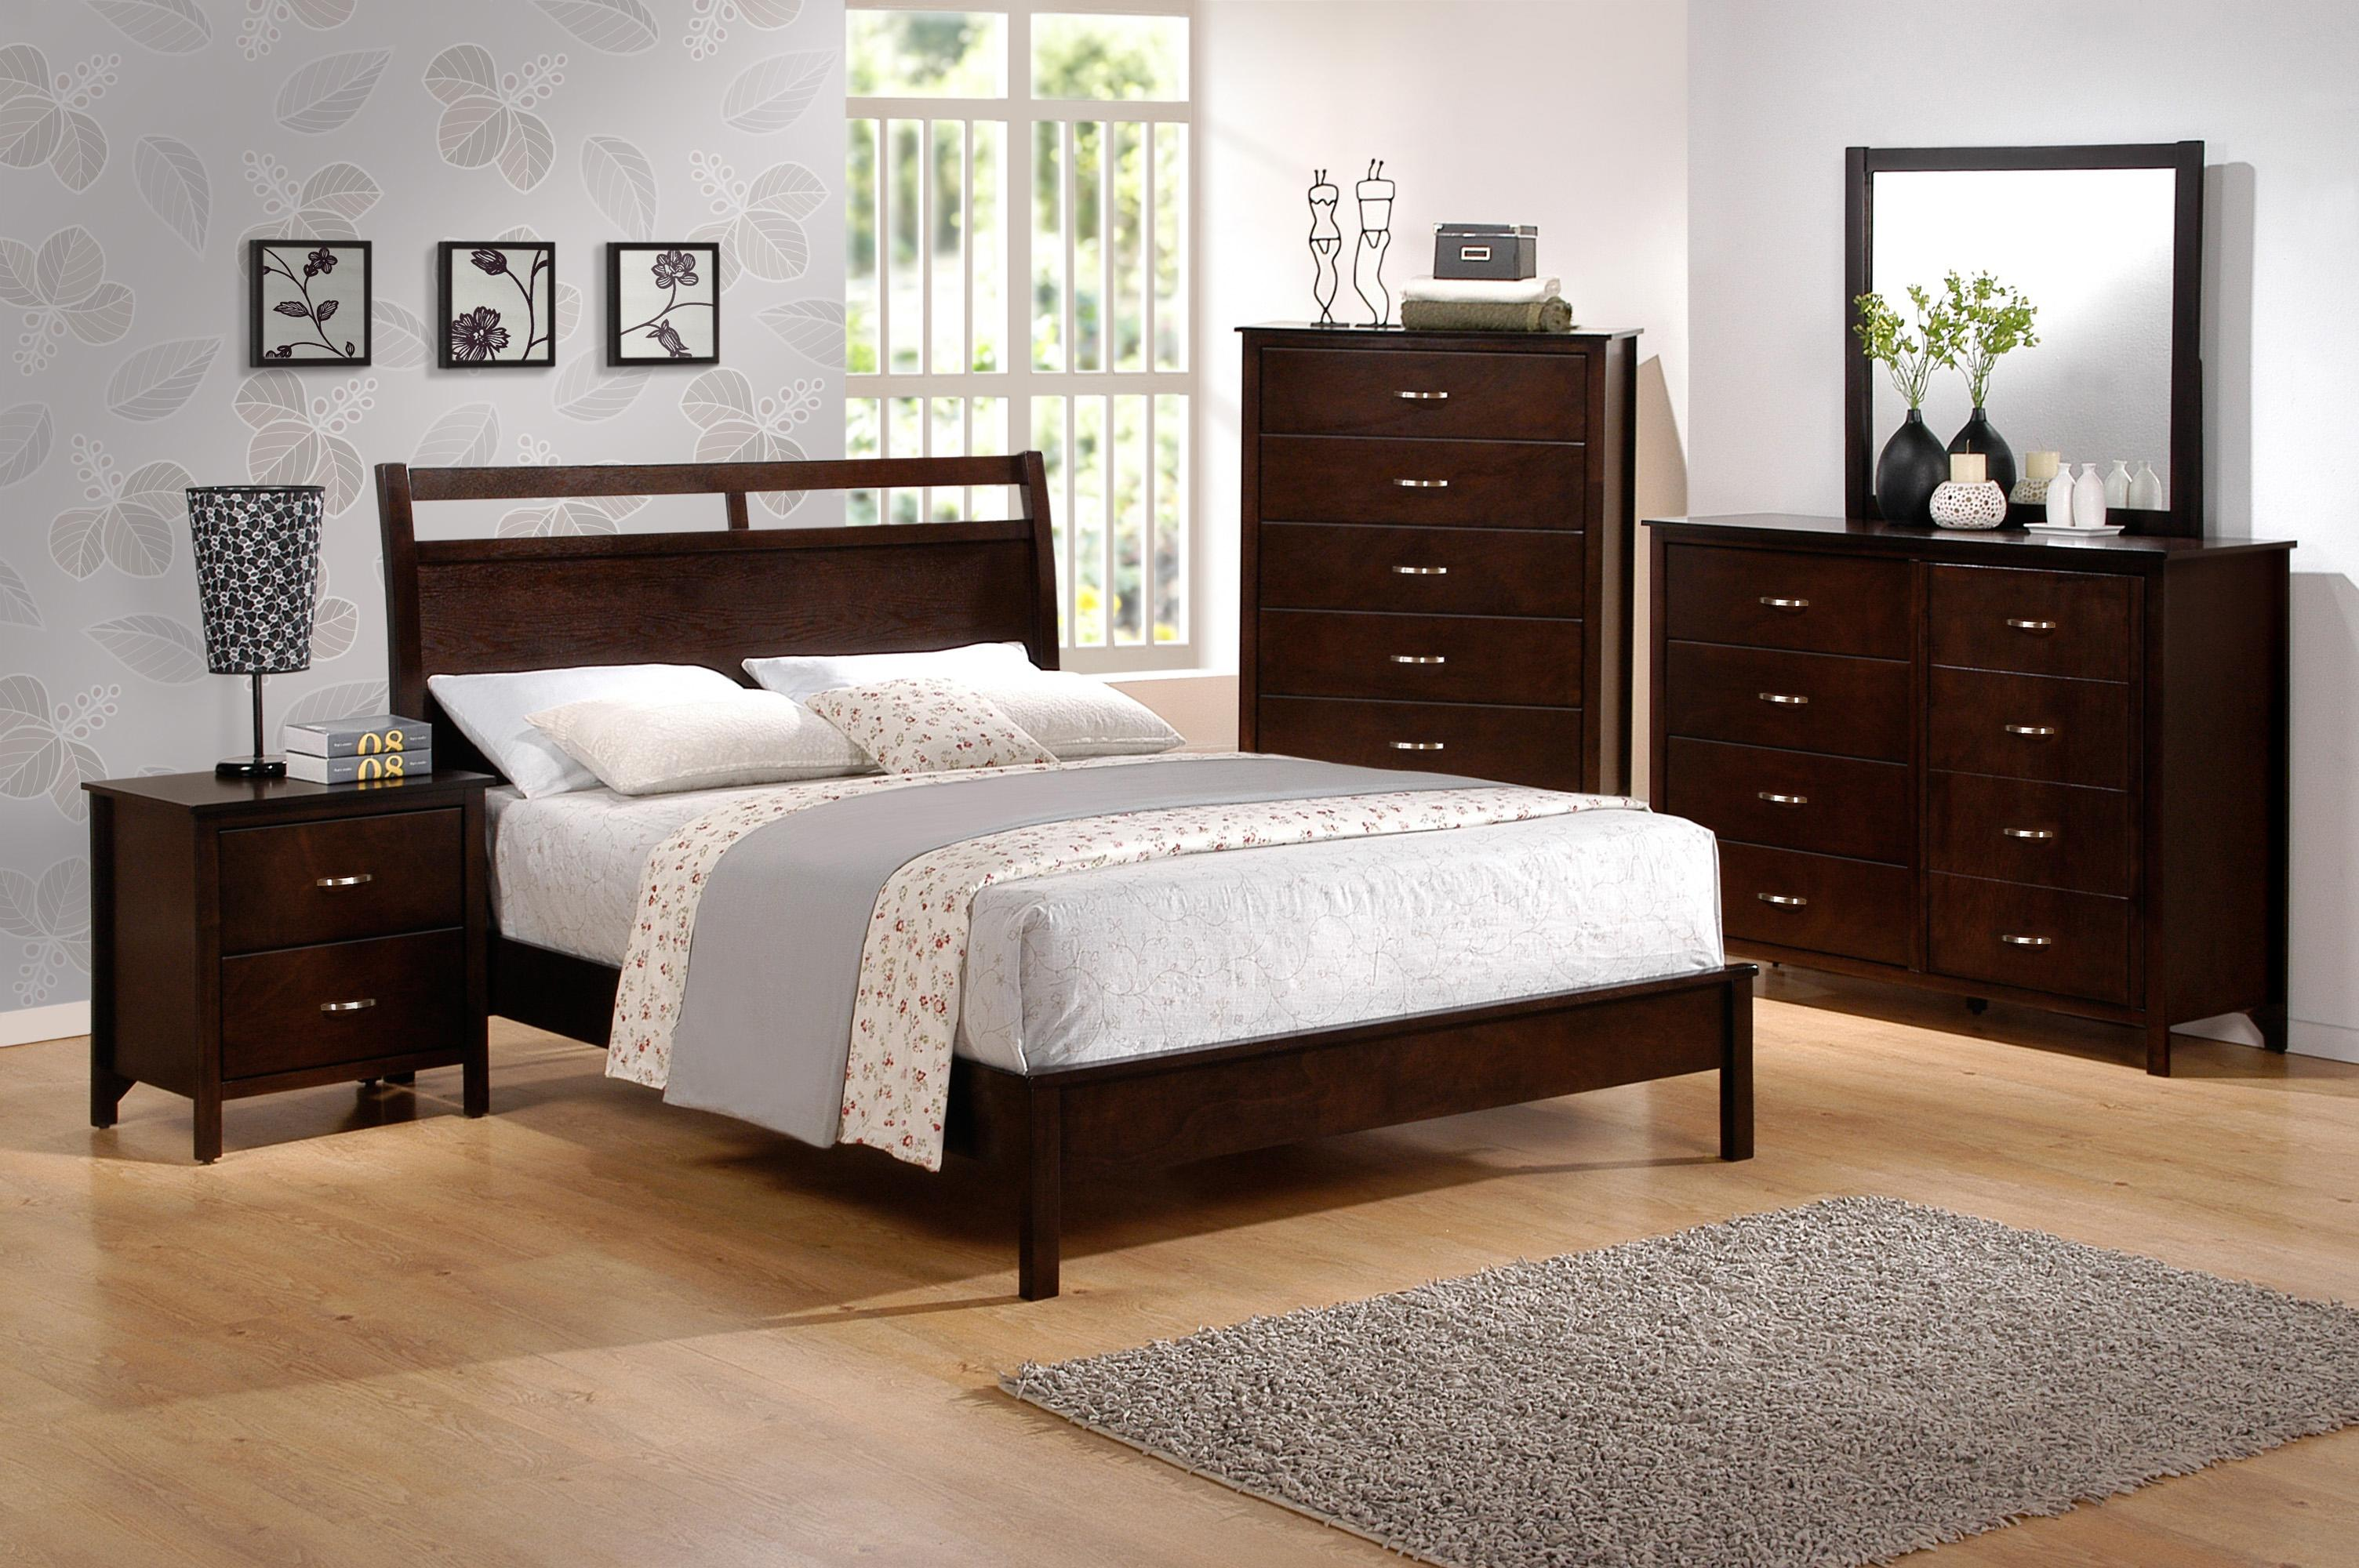 Crown Mark Ian Queen Bedroom Group - Item Number: B7300 Queen Bedroom Group 1